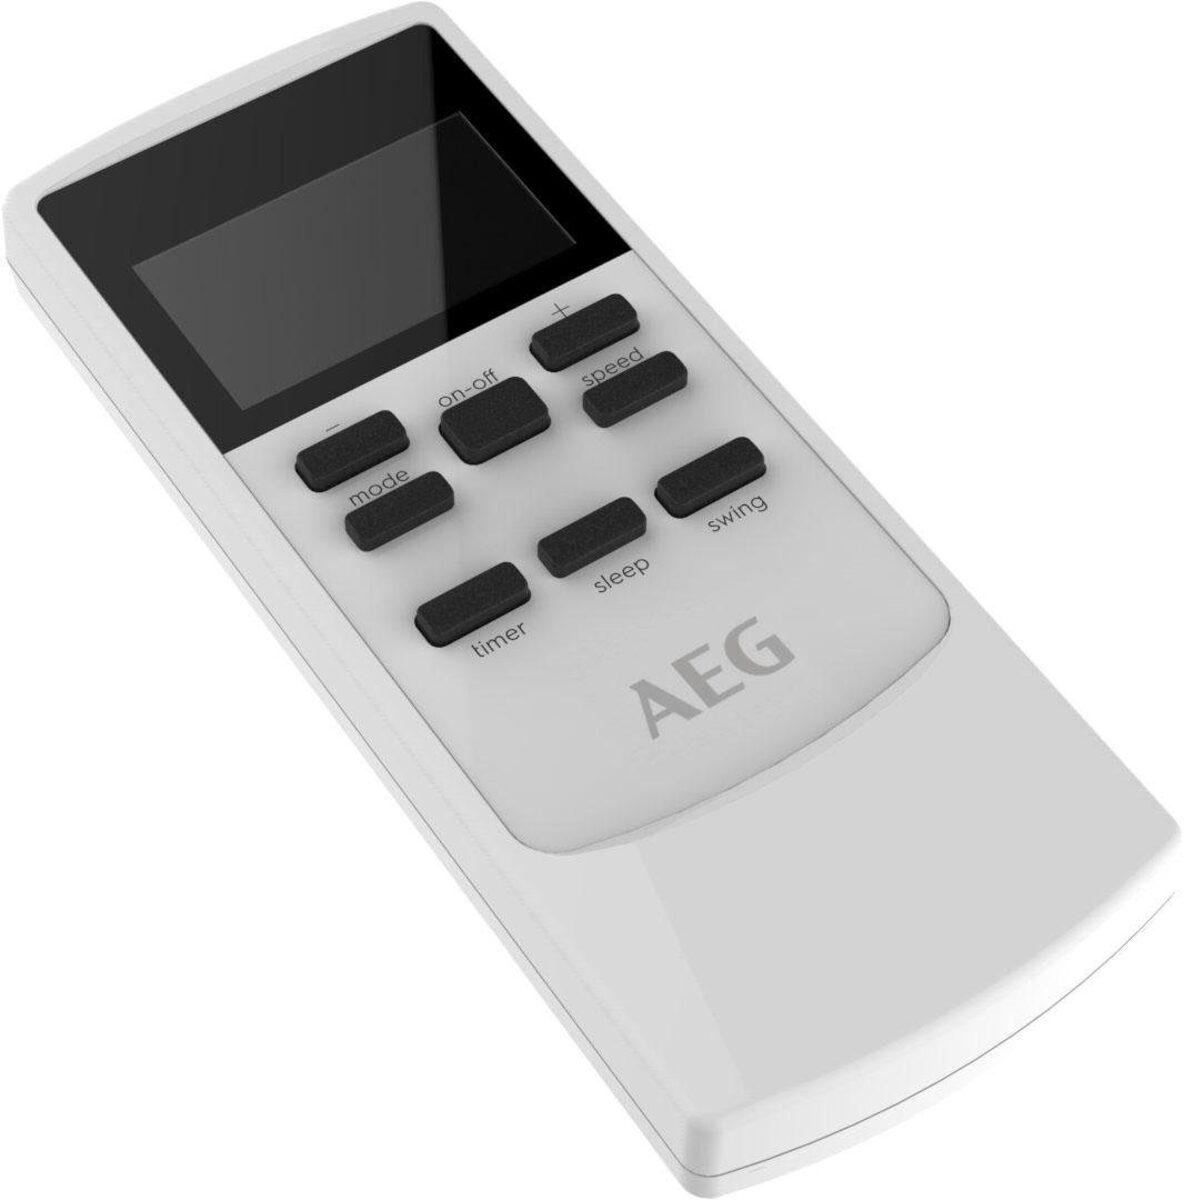 Bild 3 von AEG Klimagerät ChillFlex Pro AXP35U538CW